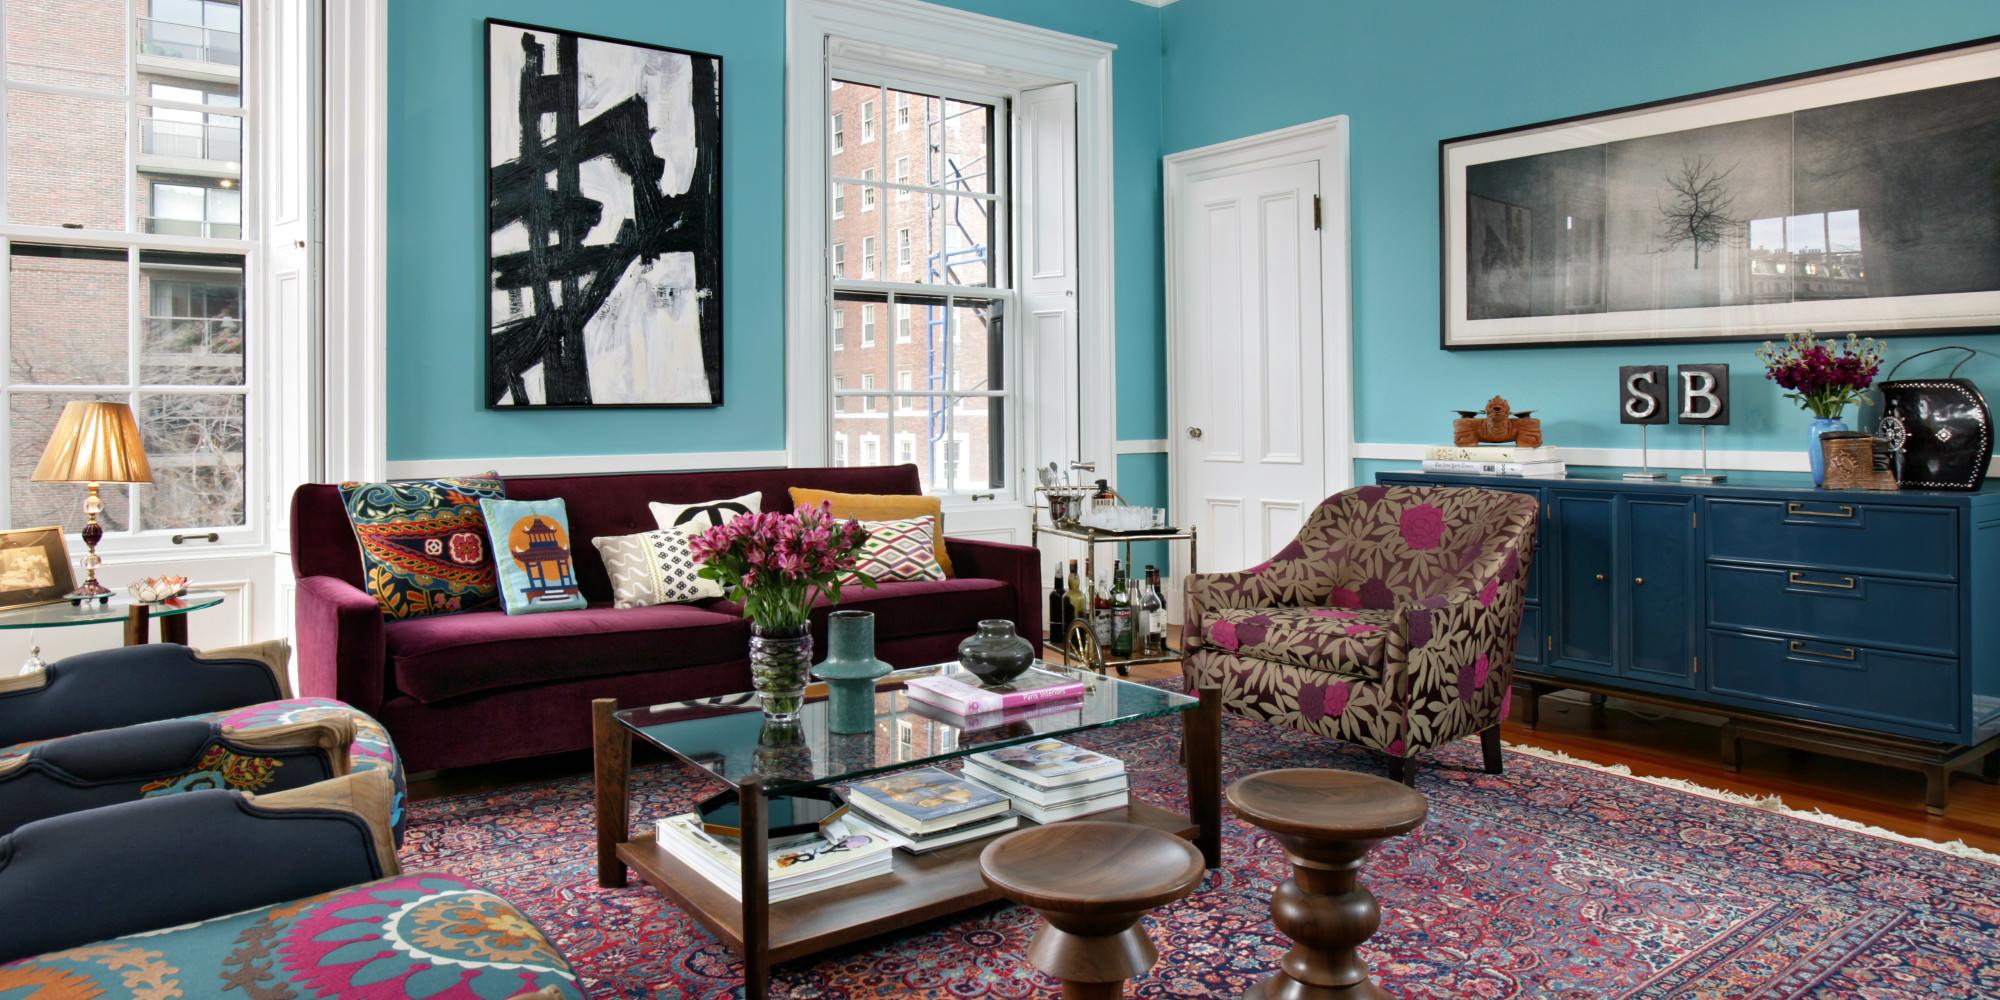 Гостиная в стиле эклектика в бирюзово-бордовых тонах